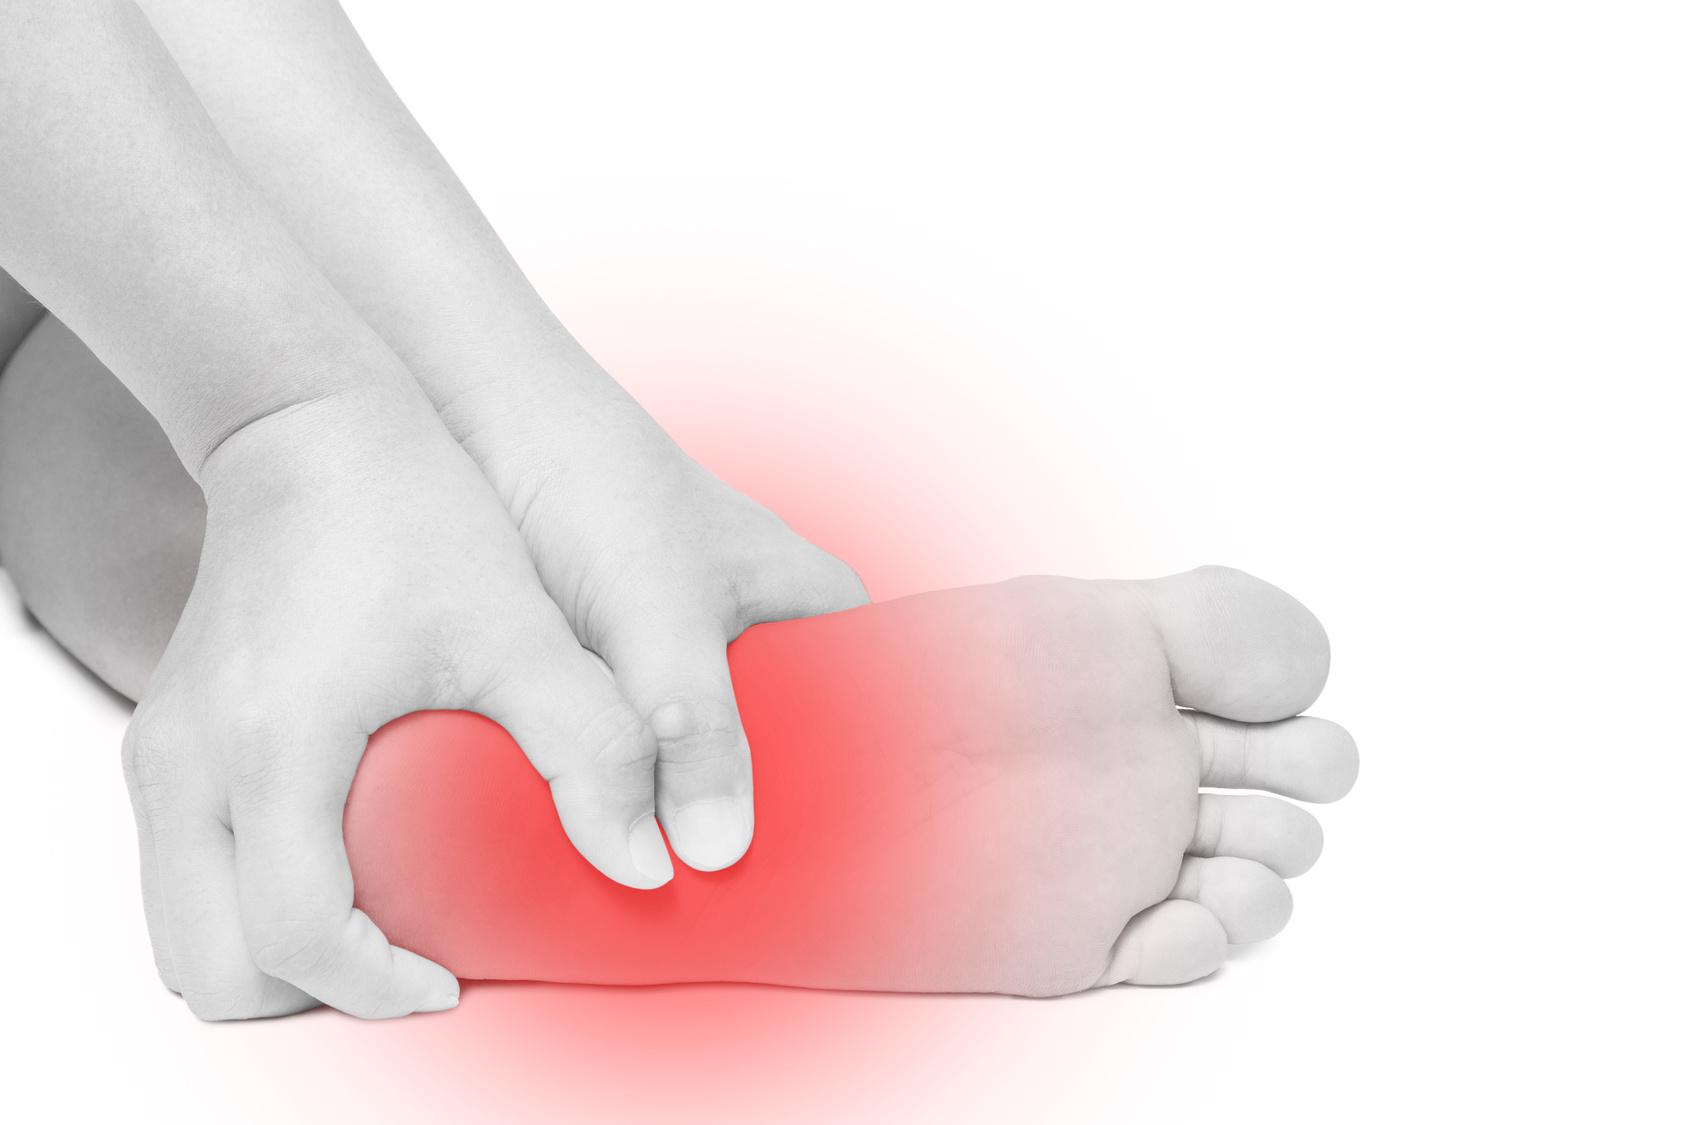 أمراض كعب القدم وطرق علاجها